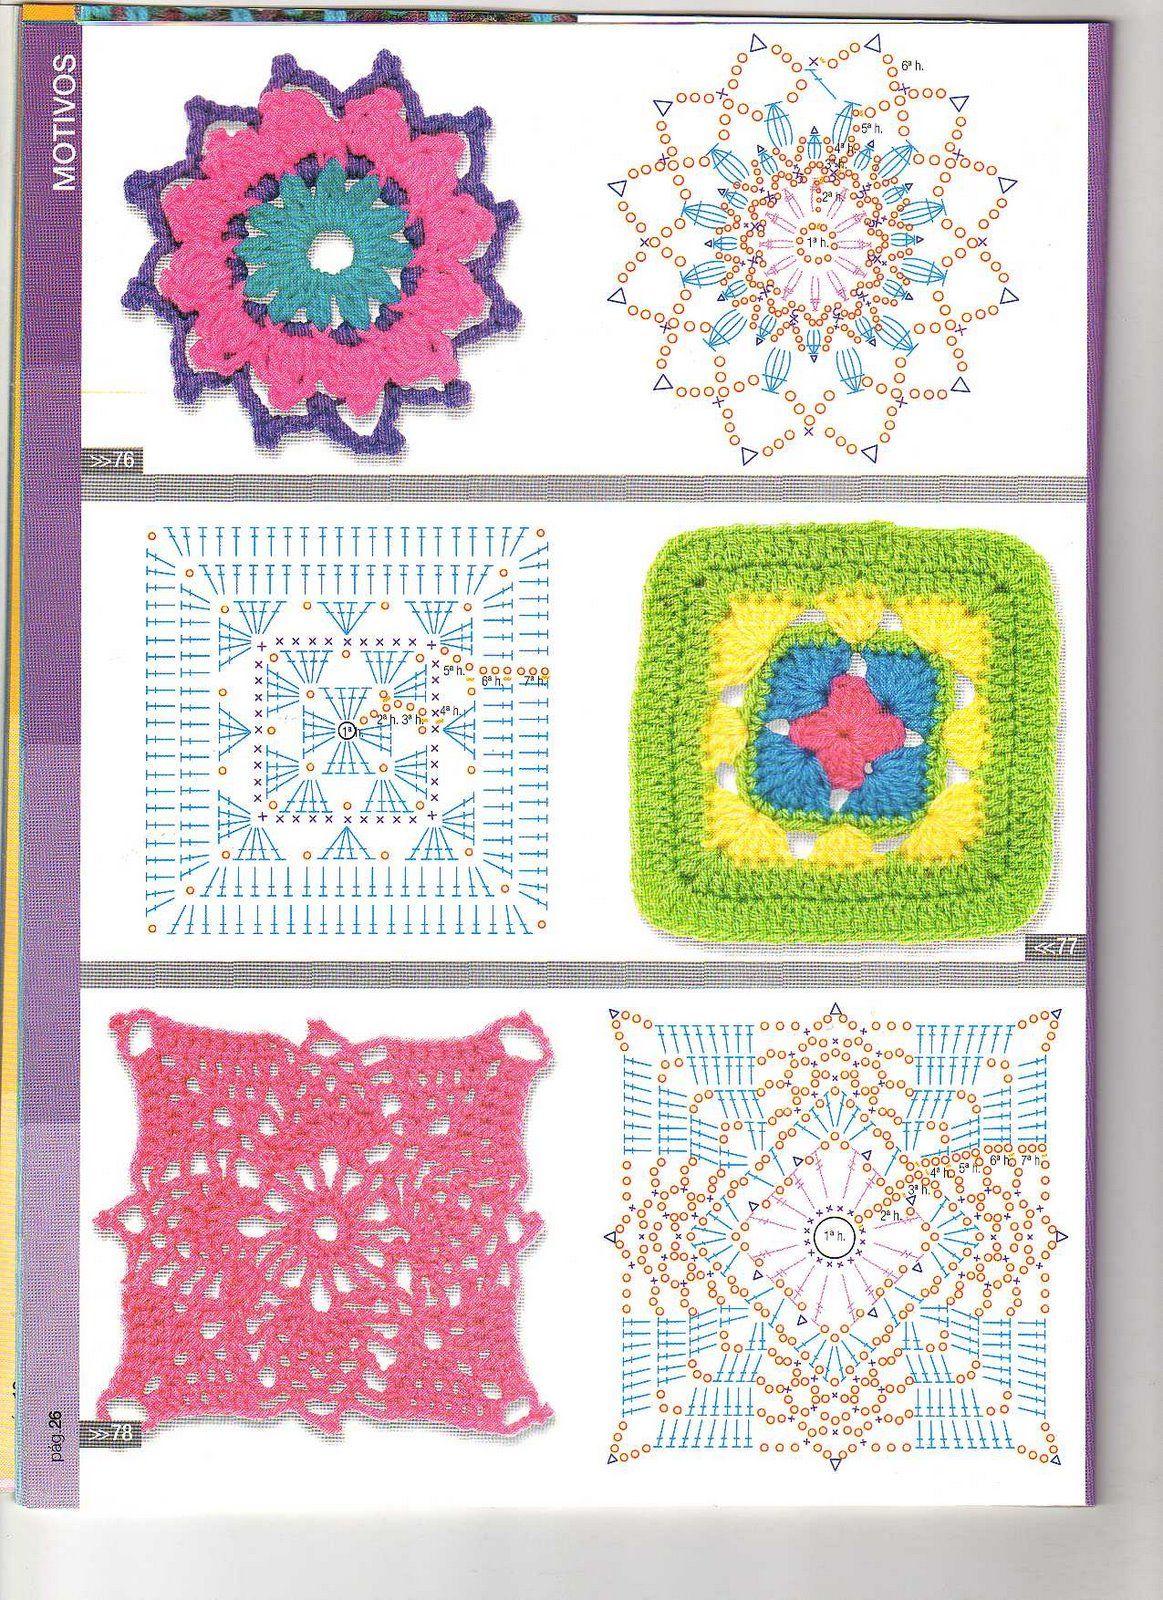 Patrones crochet patron crochet manta cuadrados cuadros - Patrones de mantas a crochet ...